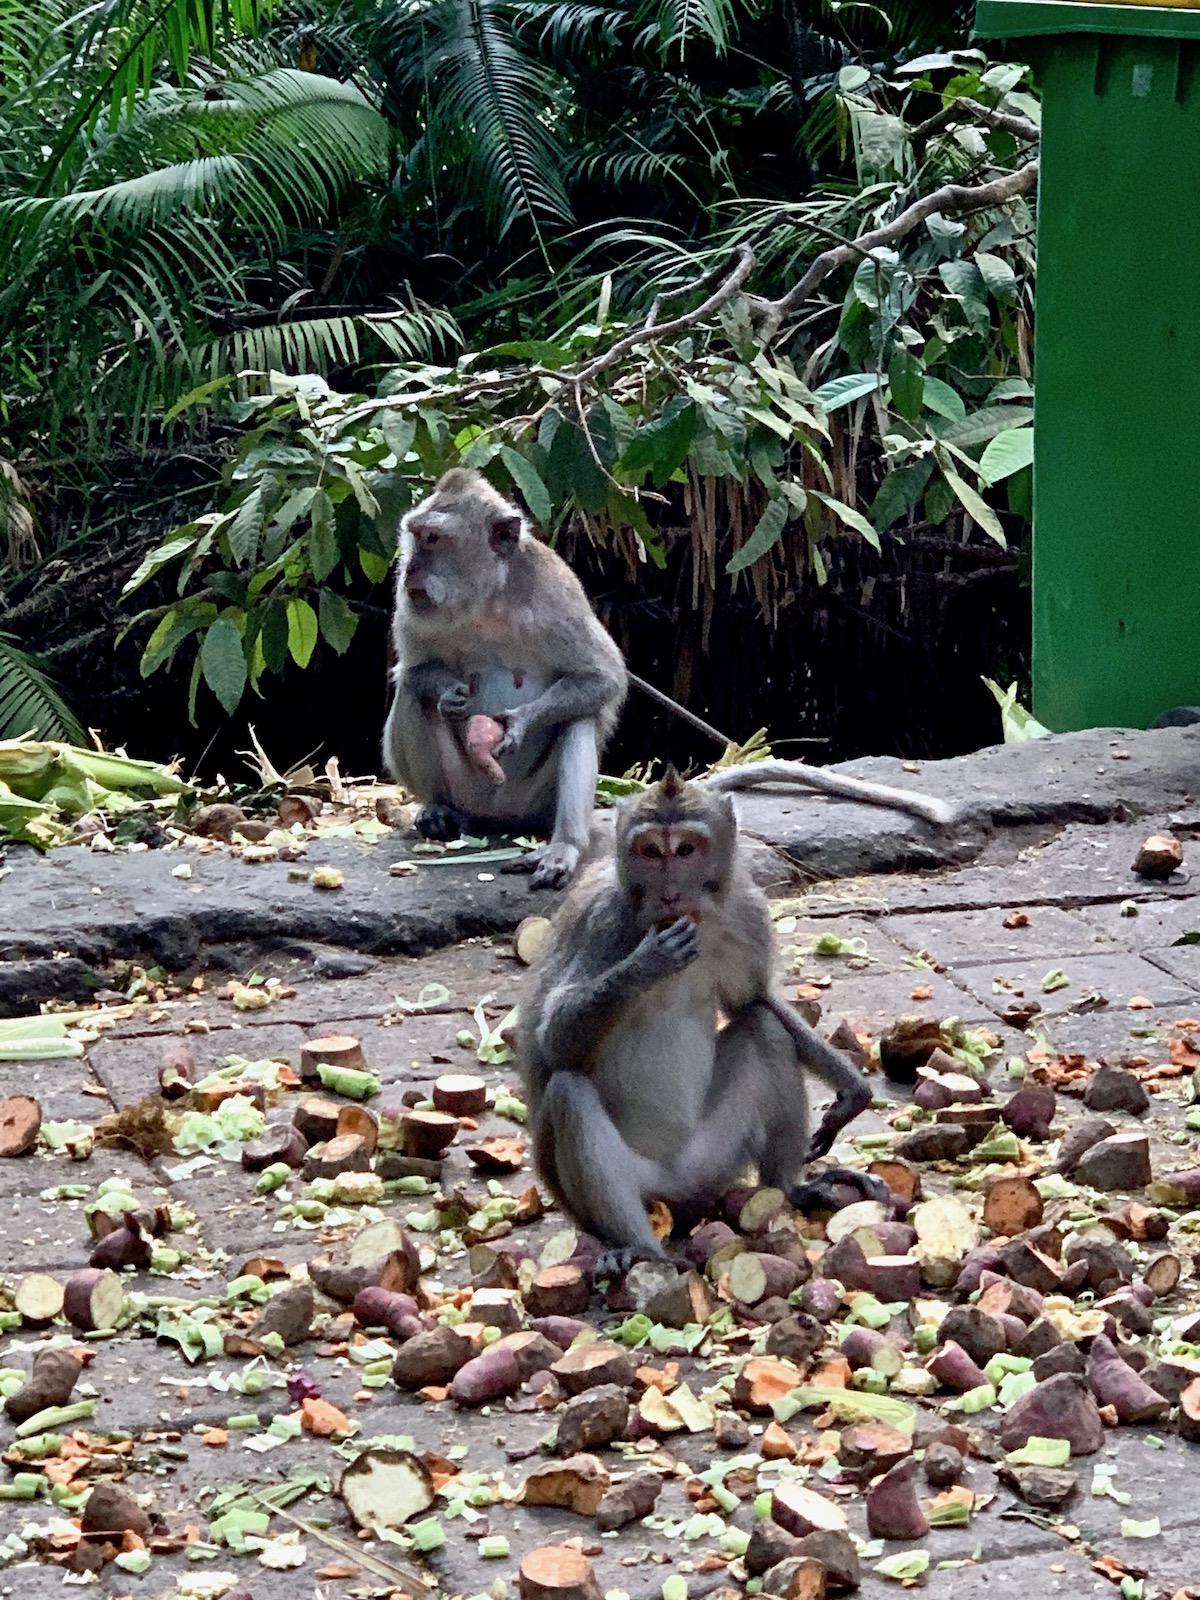 monkeys eating.jpeg